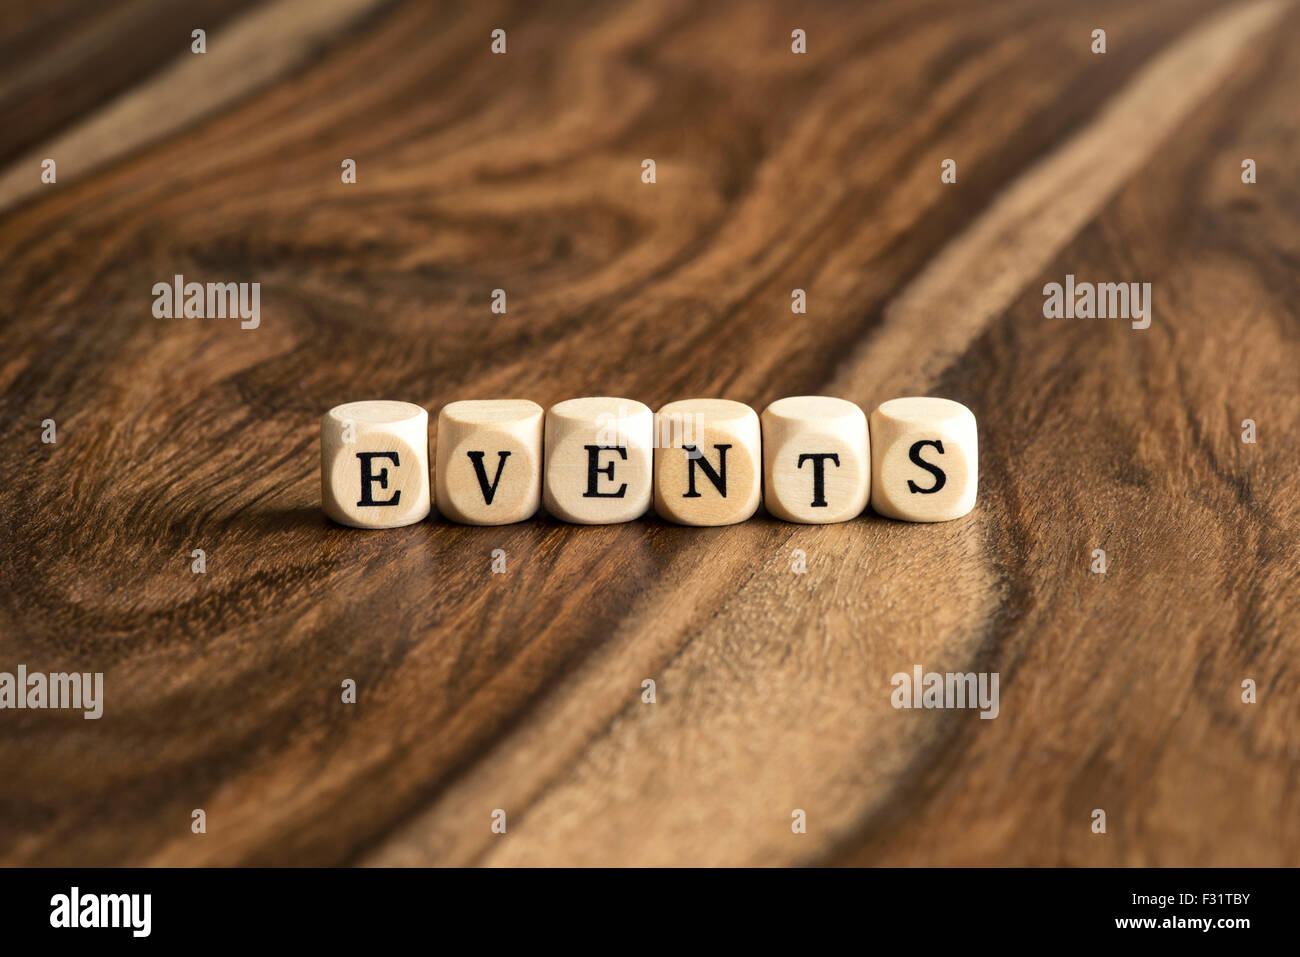 Eventi parola sfondo su blocchi di legno Immagini Stock